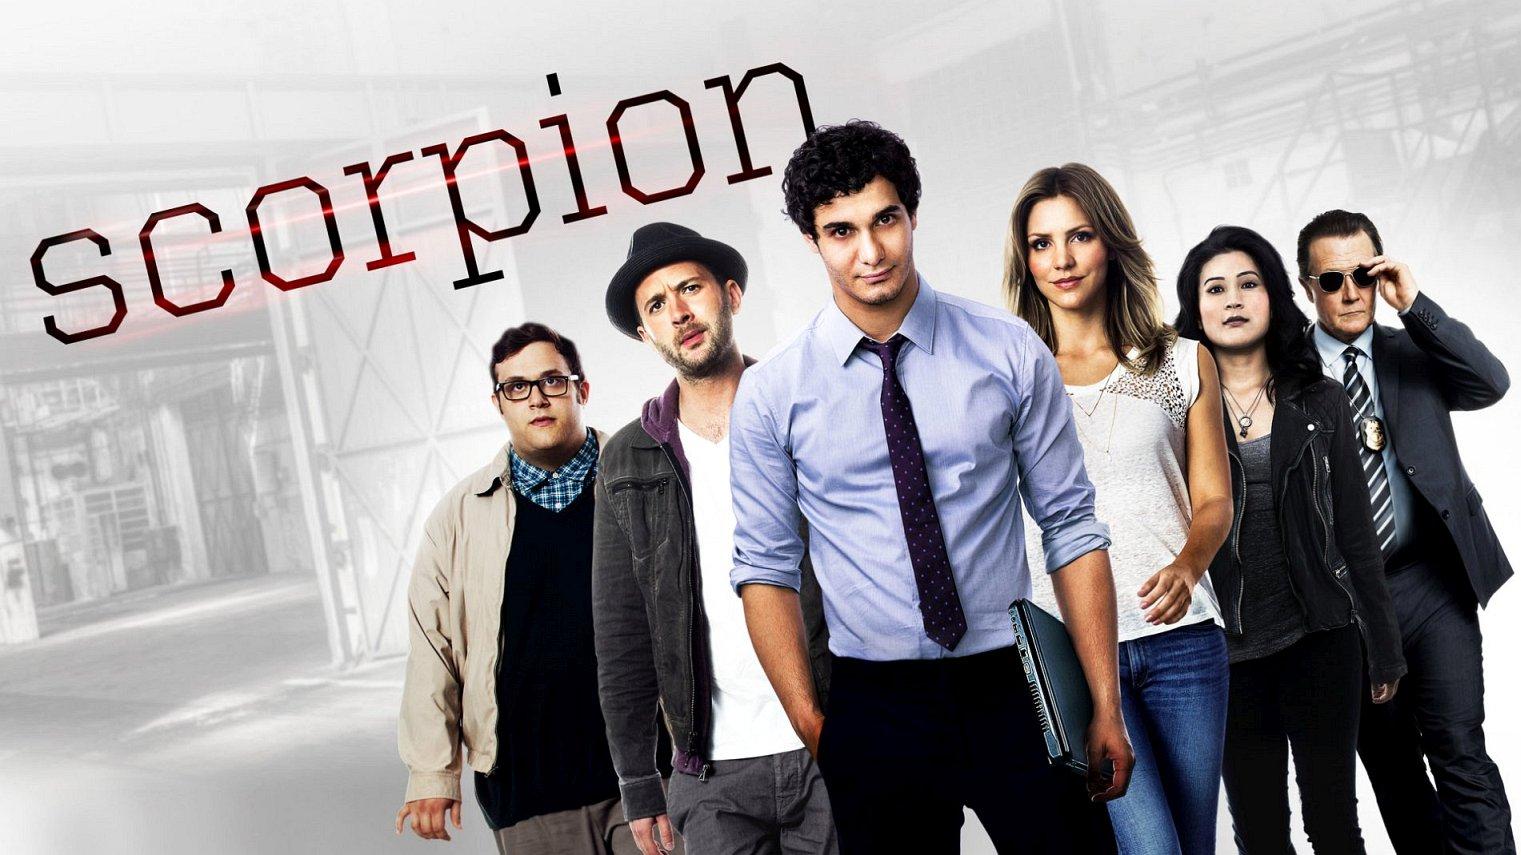 Scorpion season 4 episode 5 watch online